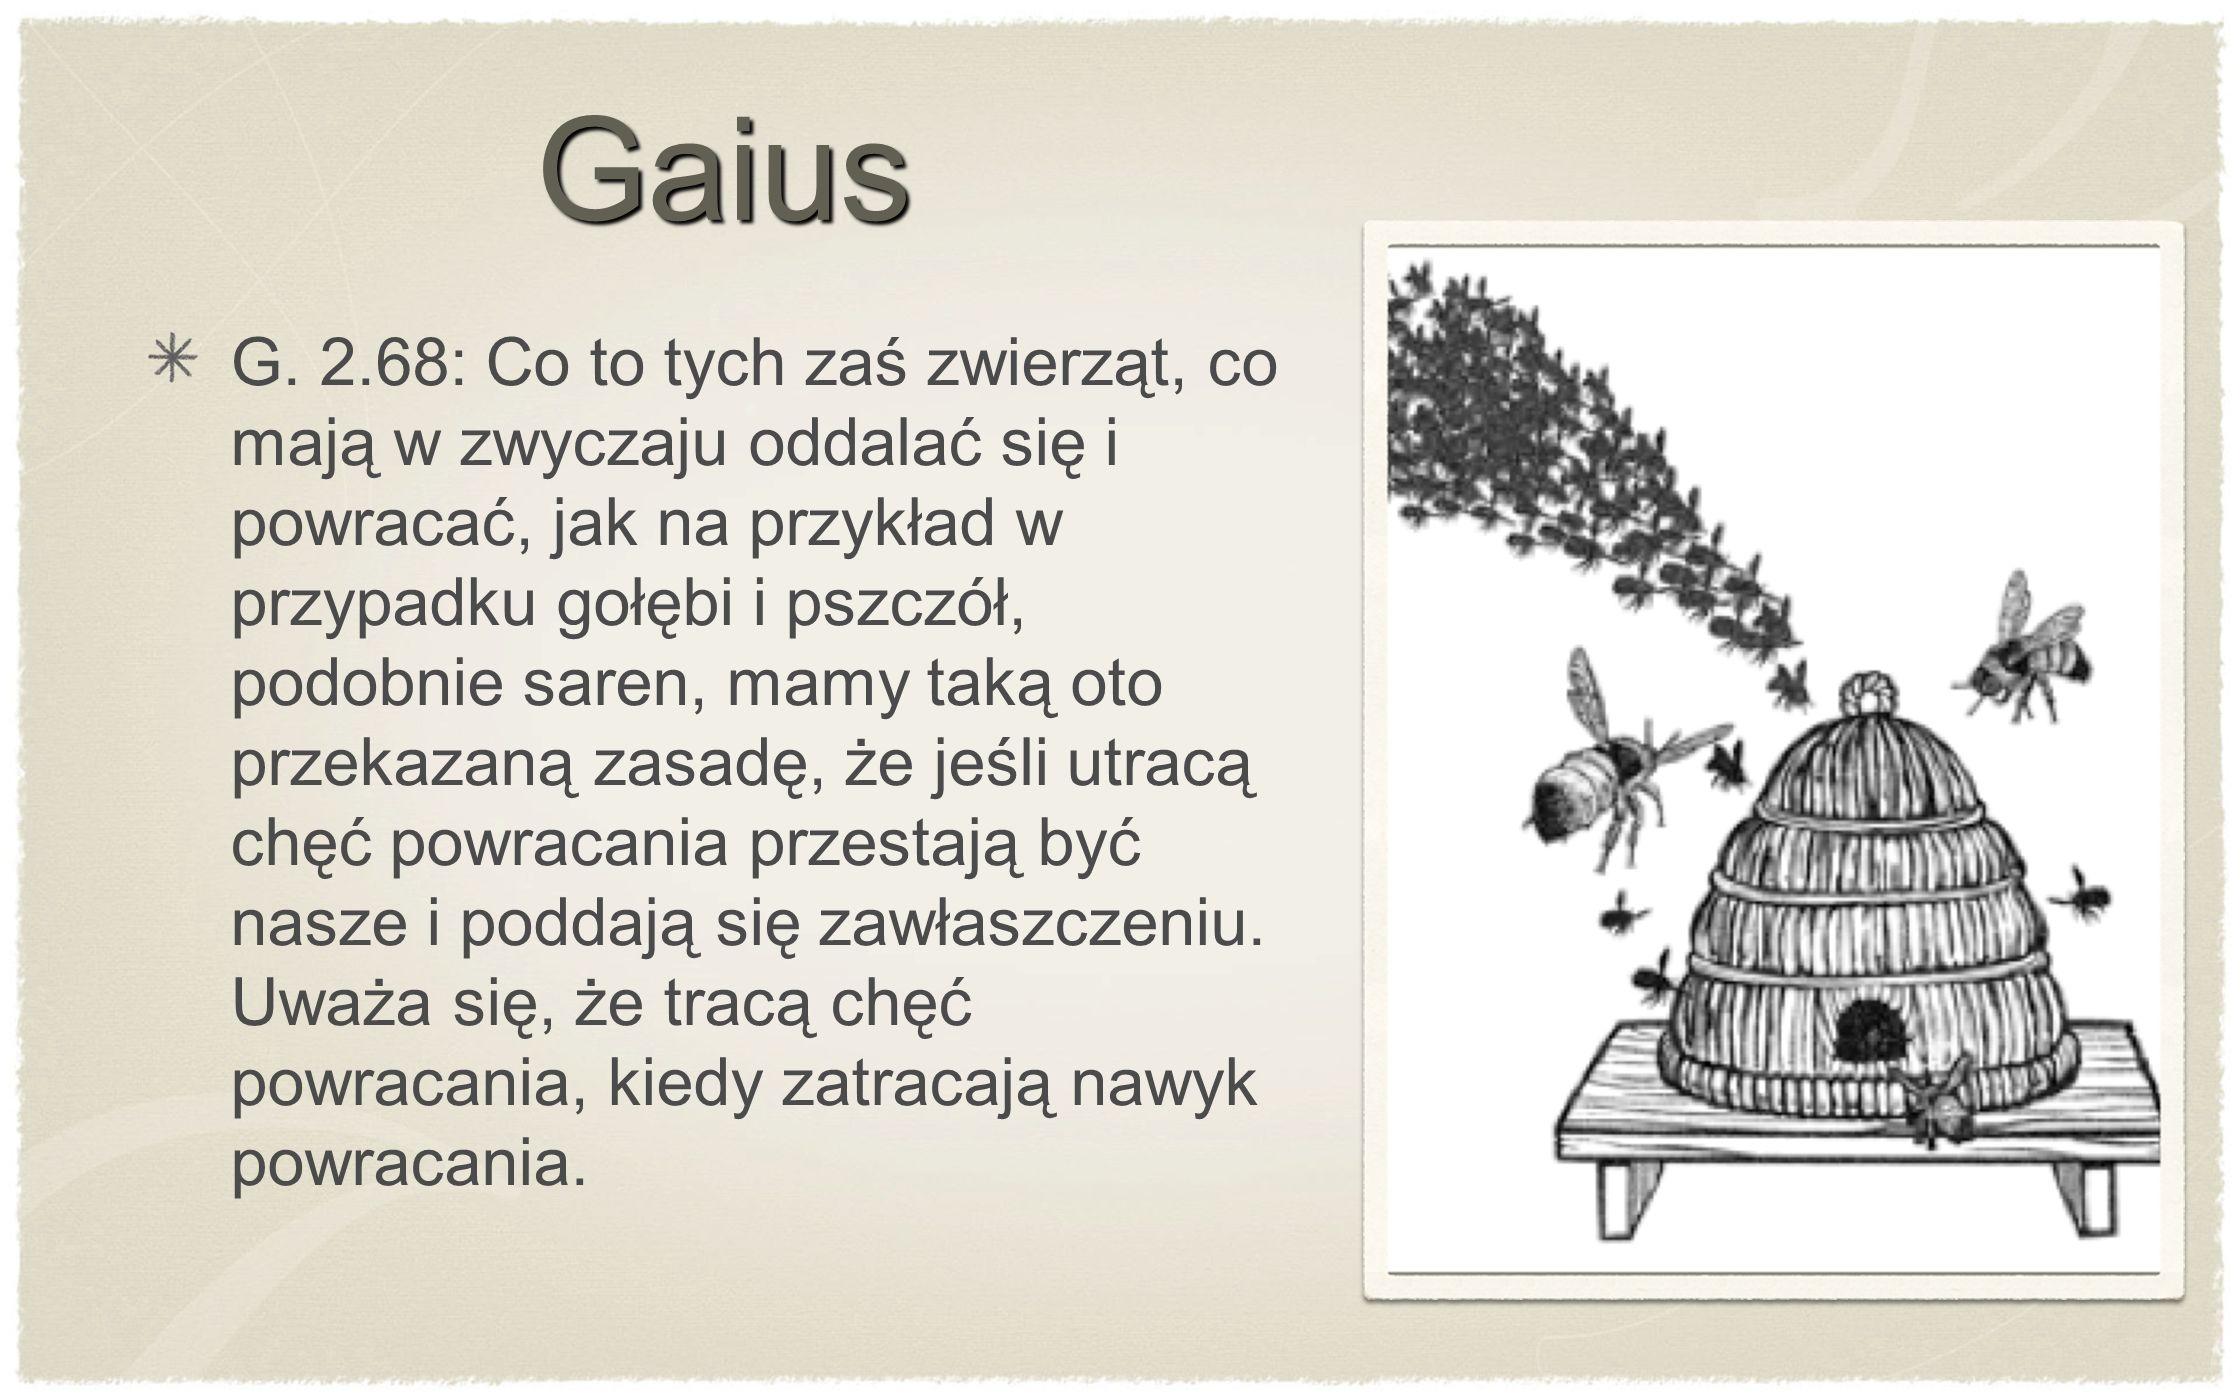 G. 2.68: Co to tych zaś zwierząt, co mają w zwyczaju oddalać się i powracać, jak na przykład w przypadku gołębi i pszczół, podobnie saren, mamy taką o